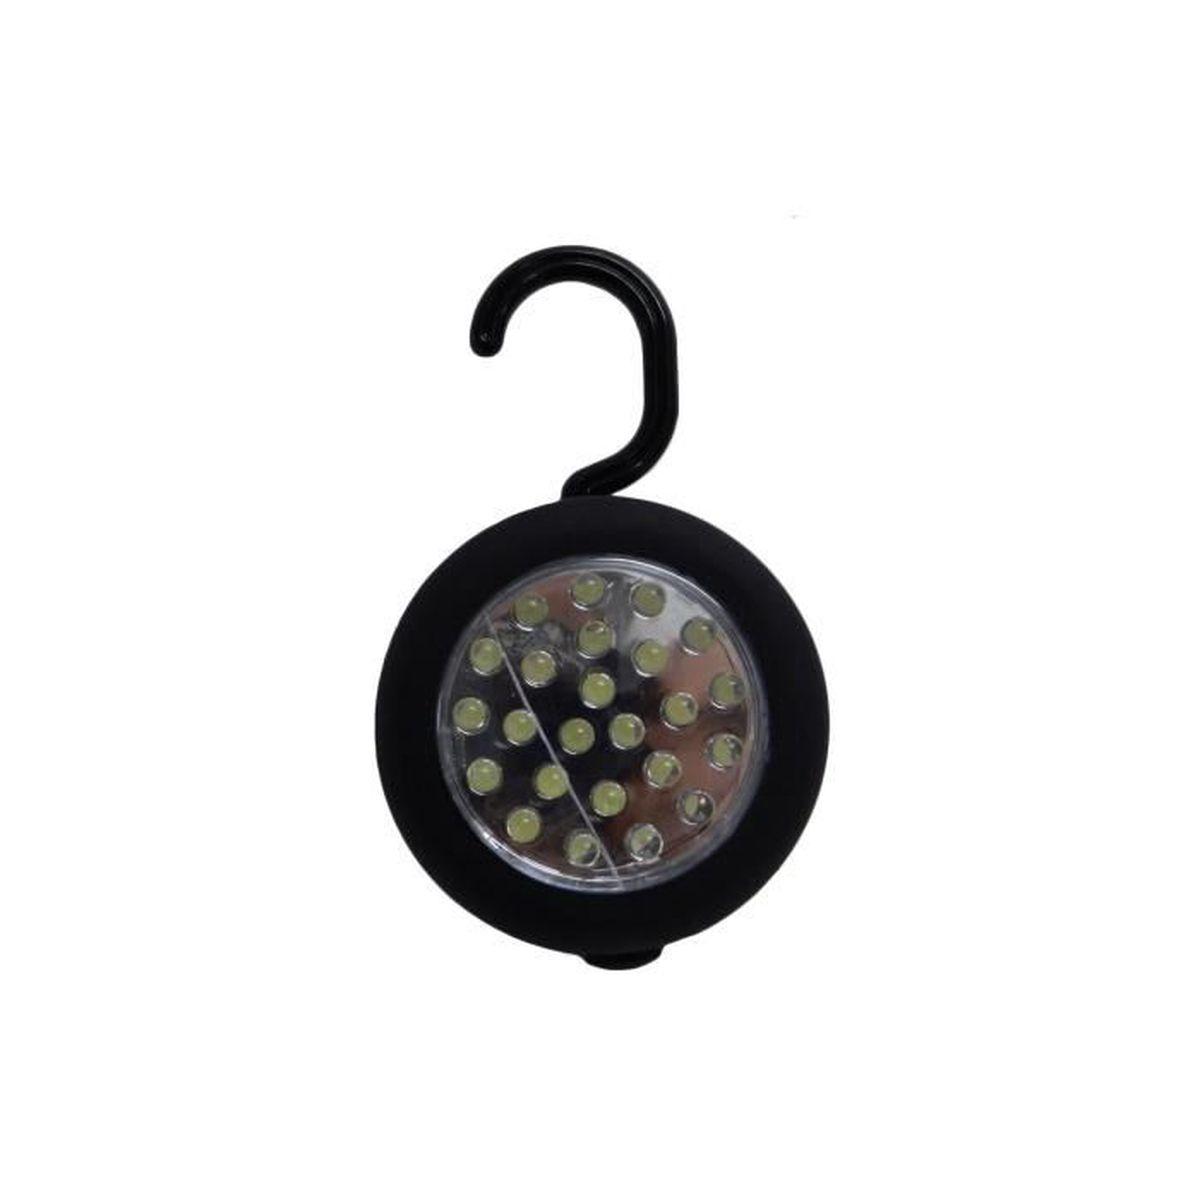 DEL Lampe travail 24 DEL avec crochet pratique et support magnétique